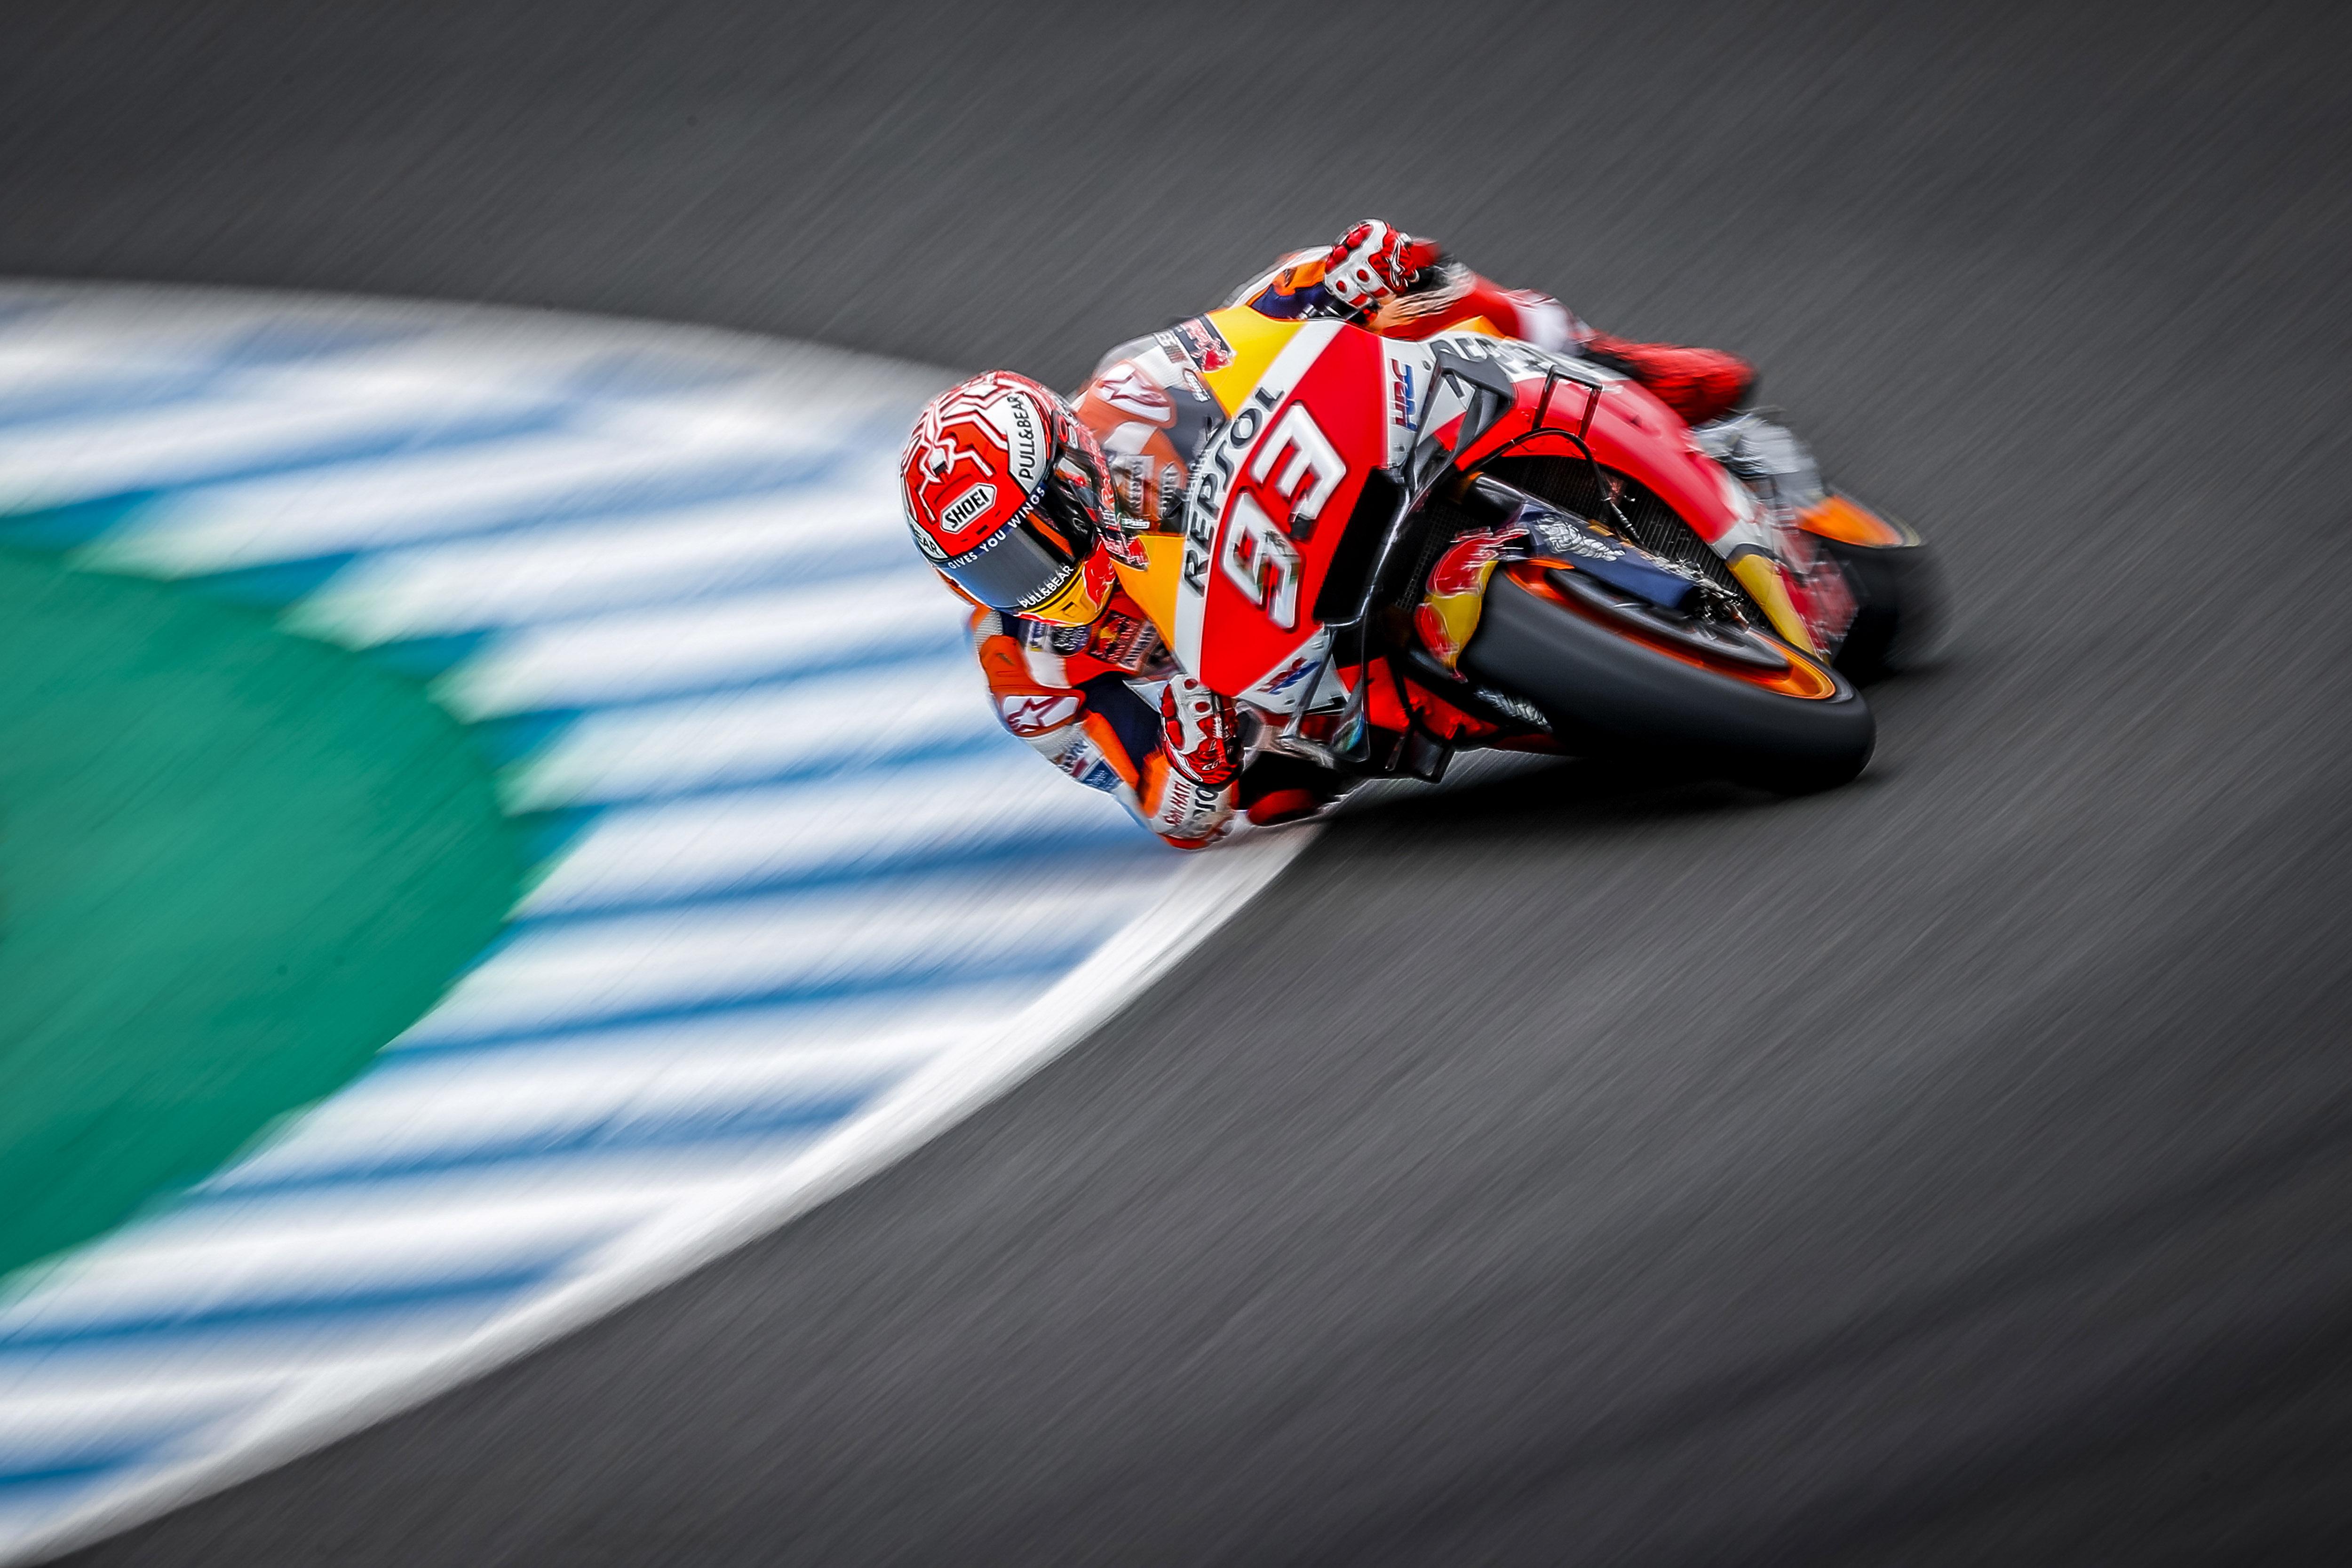 Marc Márquez gana en Jerez. Álex Rins brilla para llegar 2º